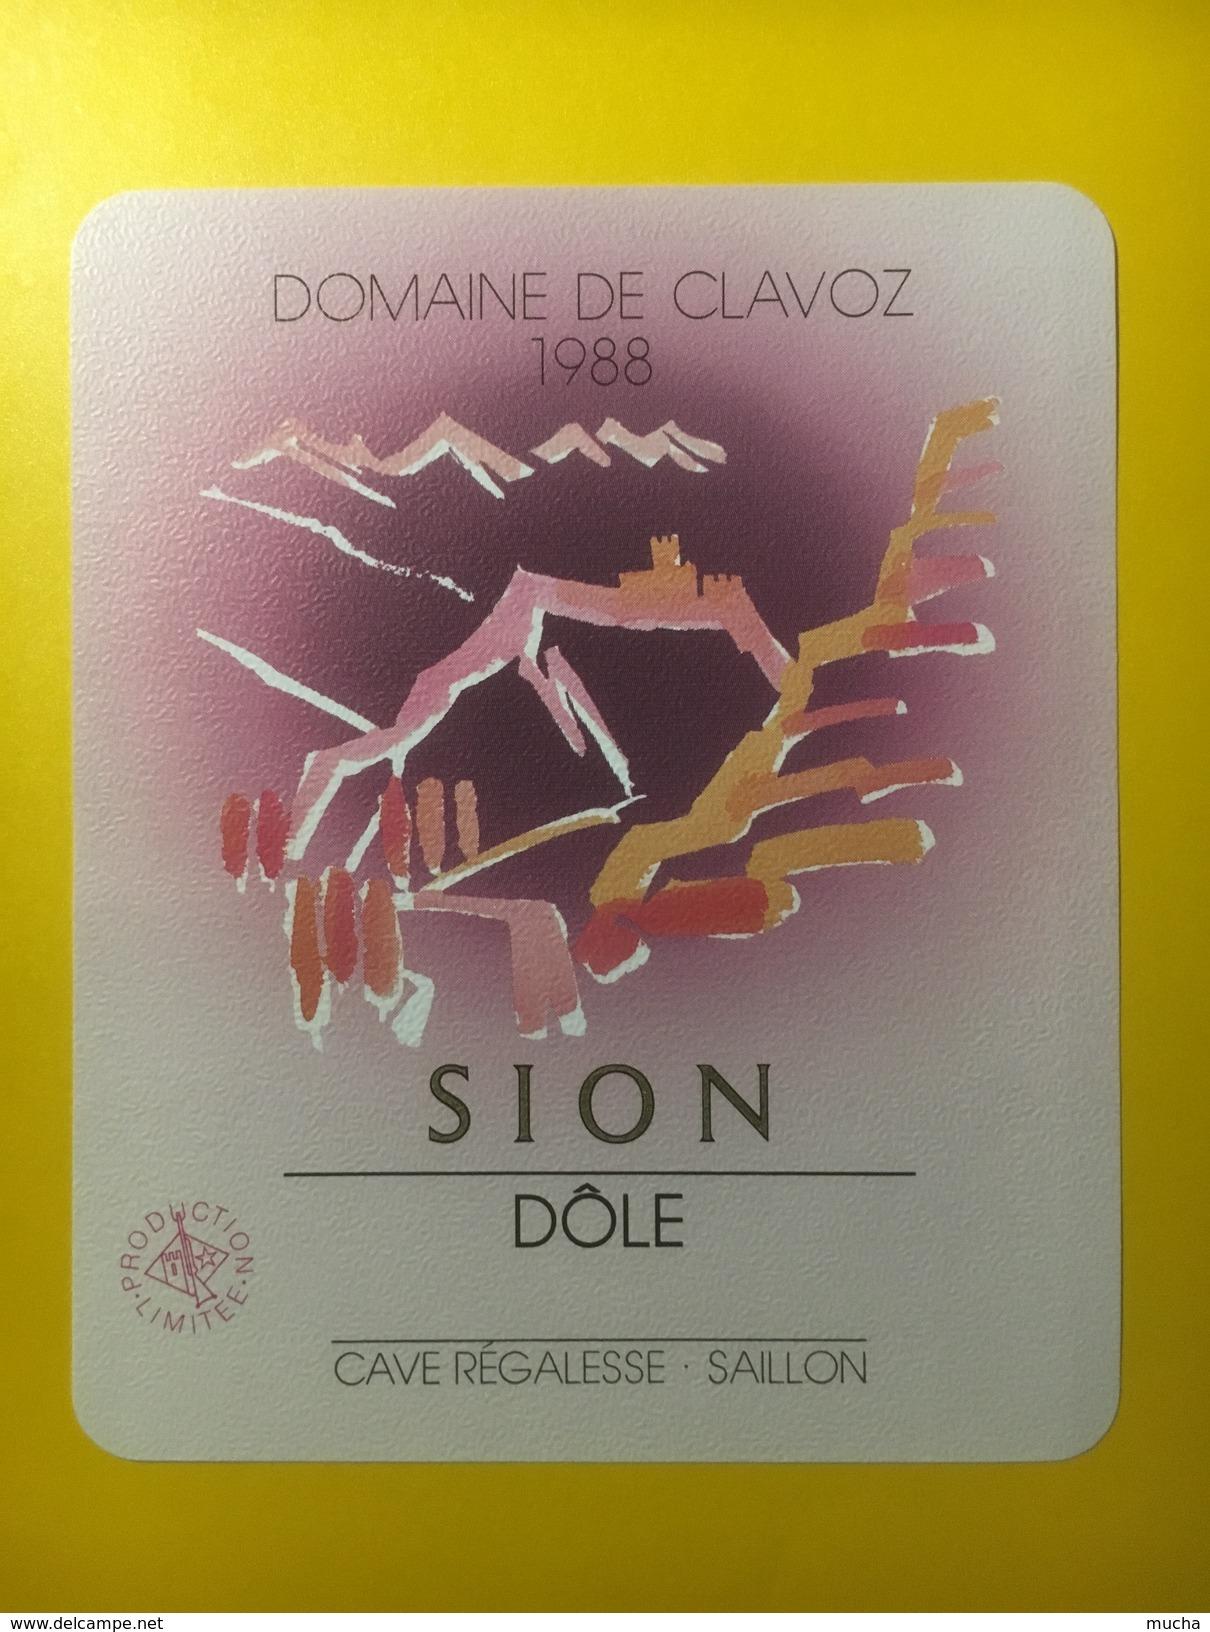 3119 -  Suisse Valais Domaine Clavoz 1988 Dôle - Etiquettes